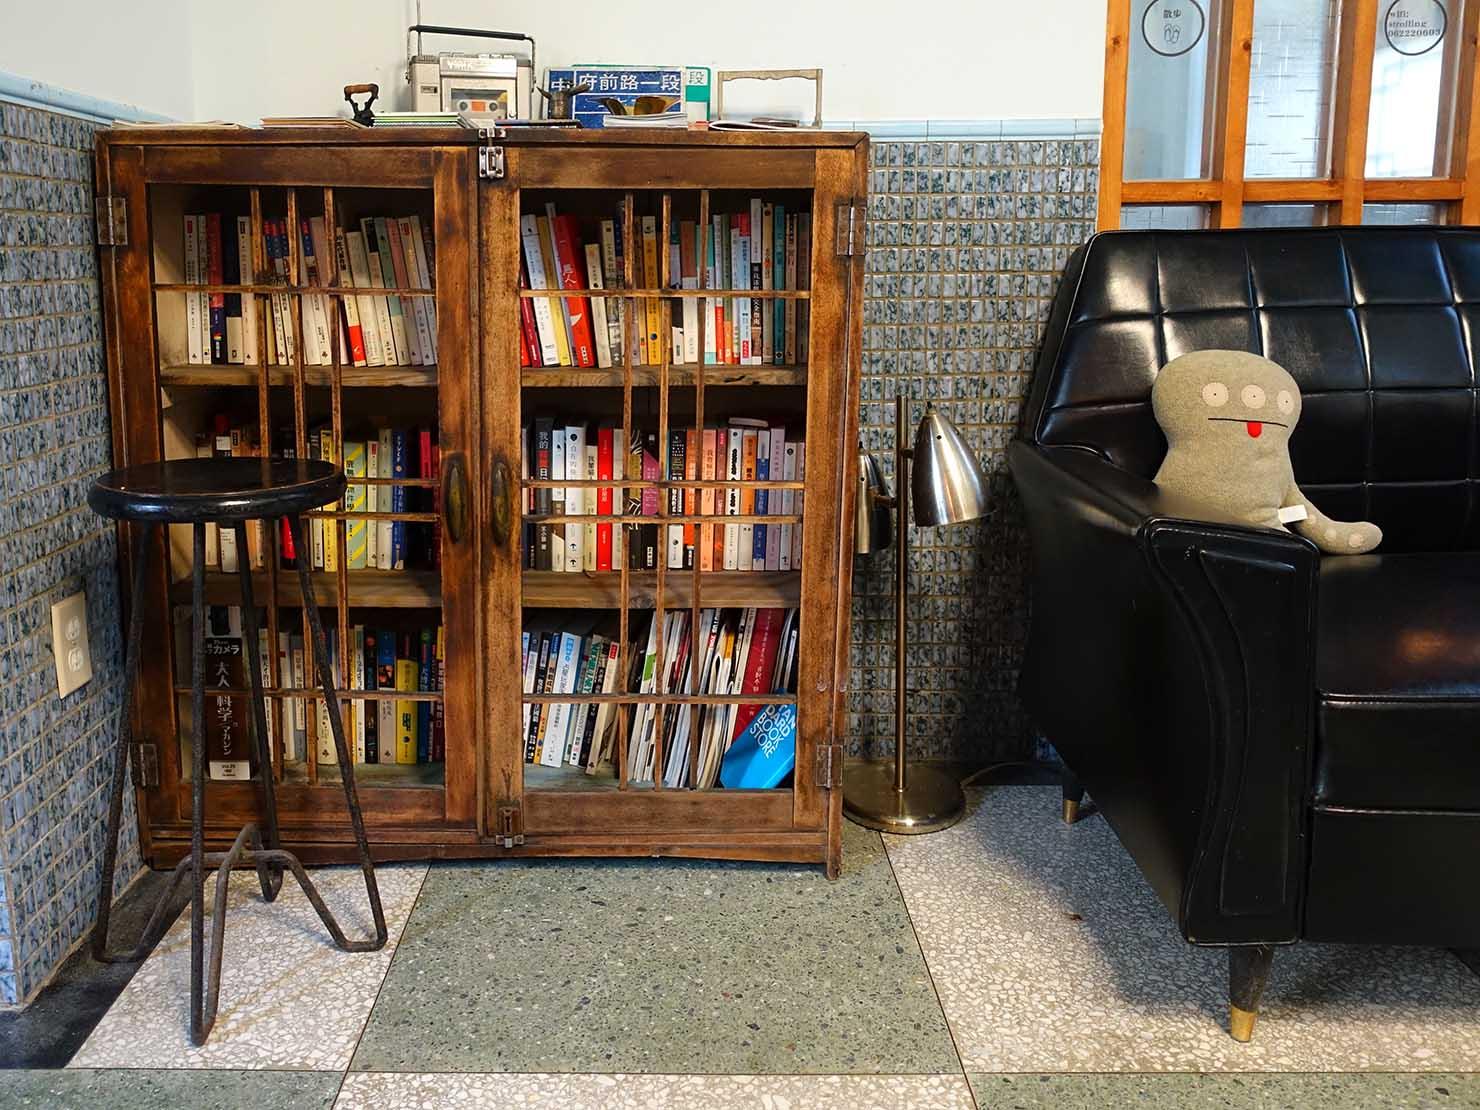 台南観光におすすめな古民家ゲストハウス「散步strolling」リビングの本棚